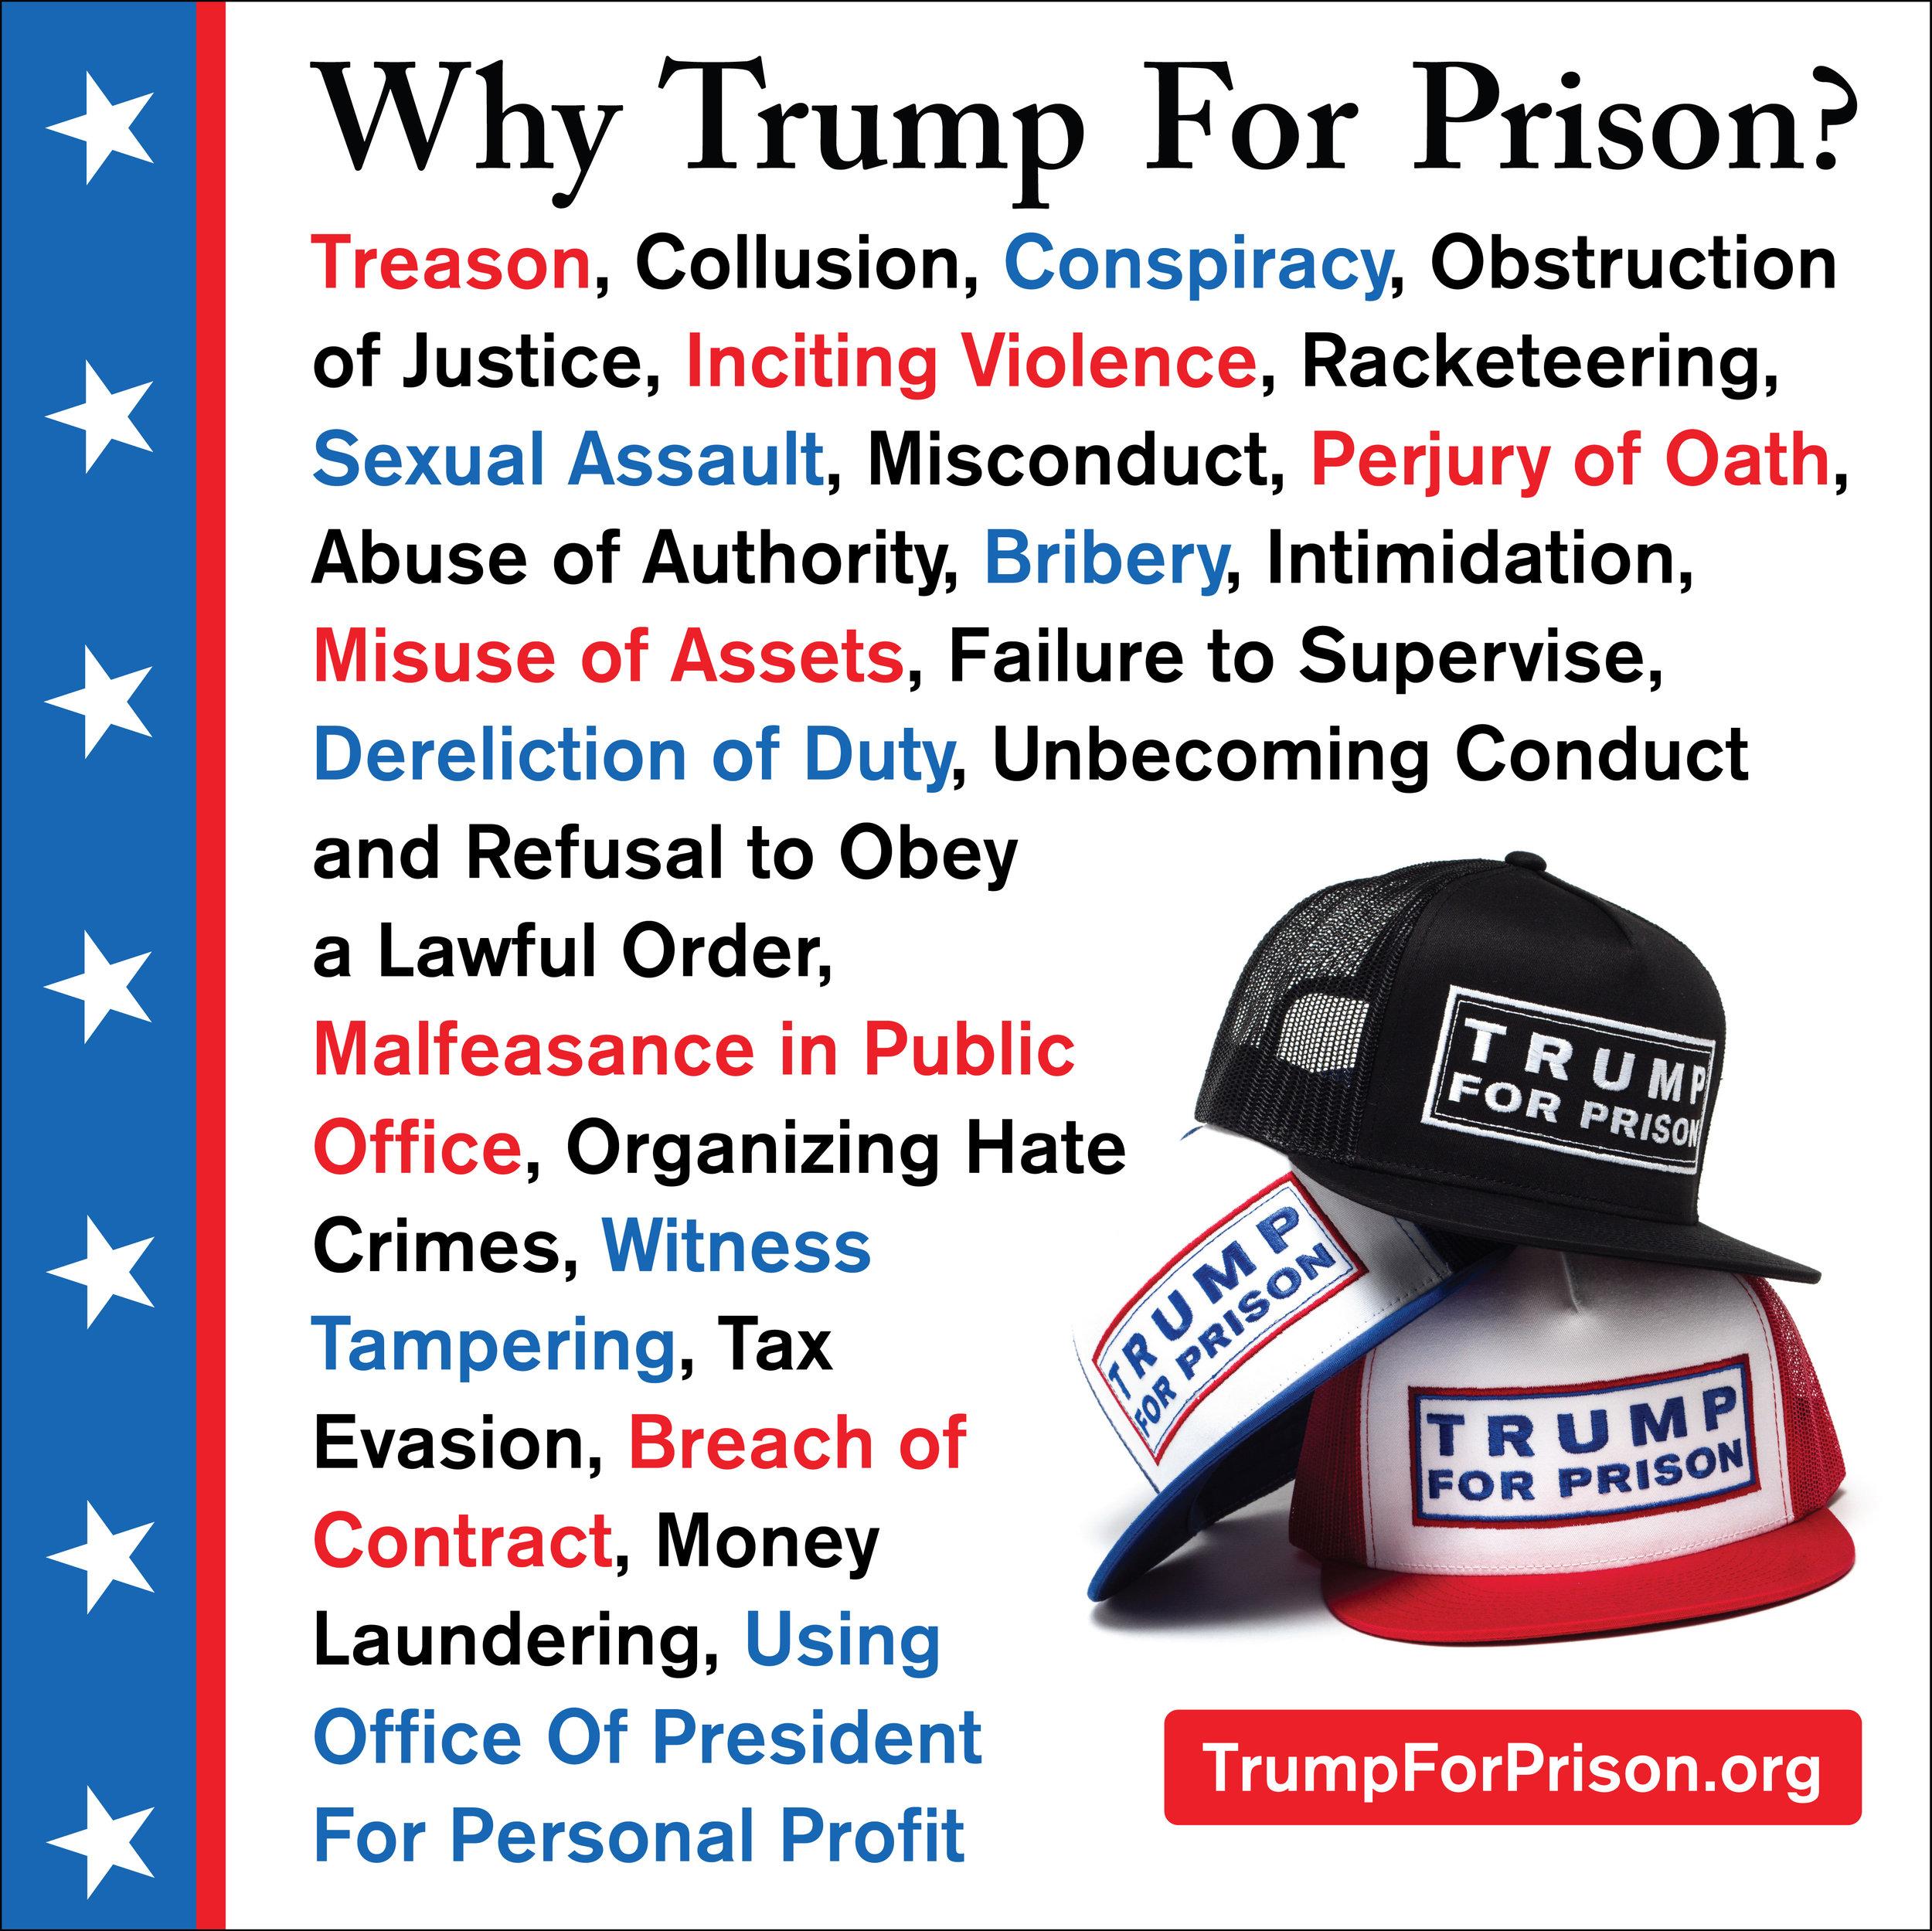 Trump For Prison Crimes List